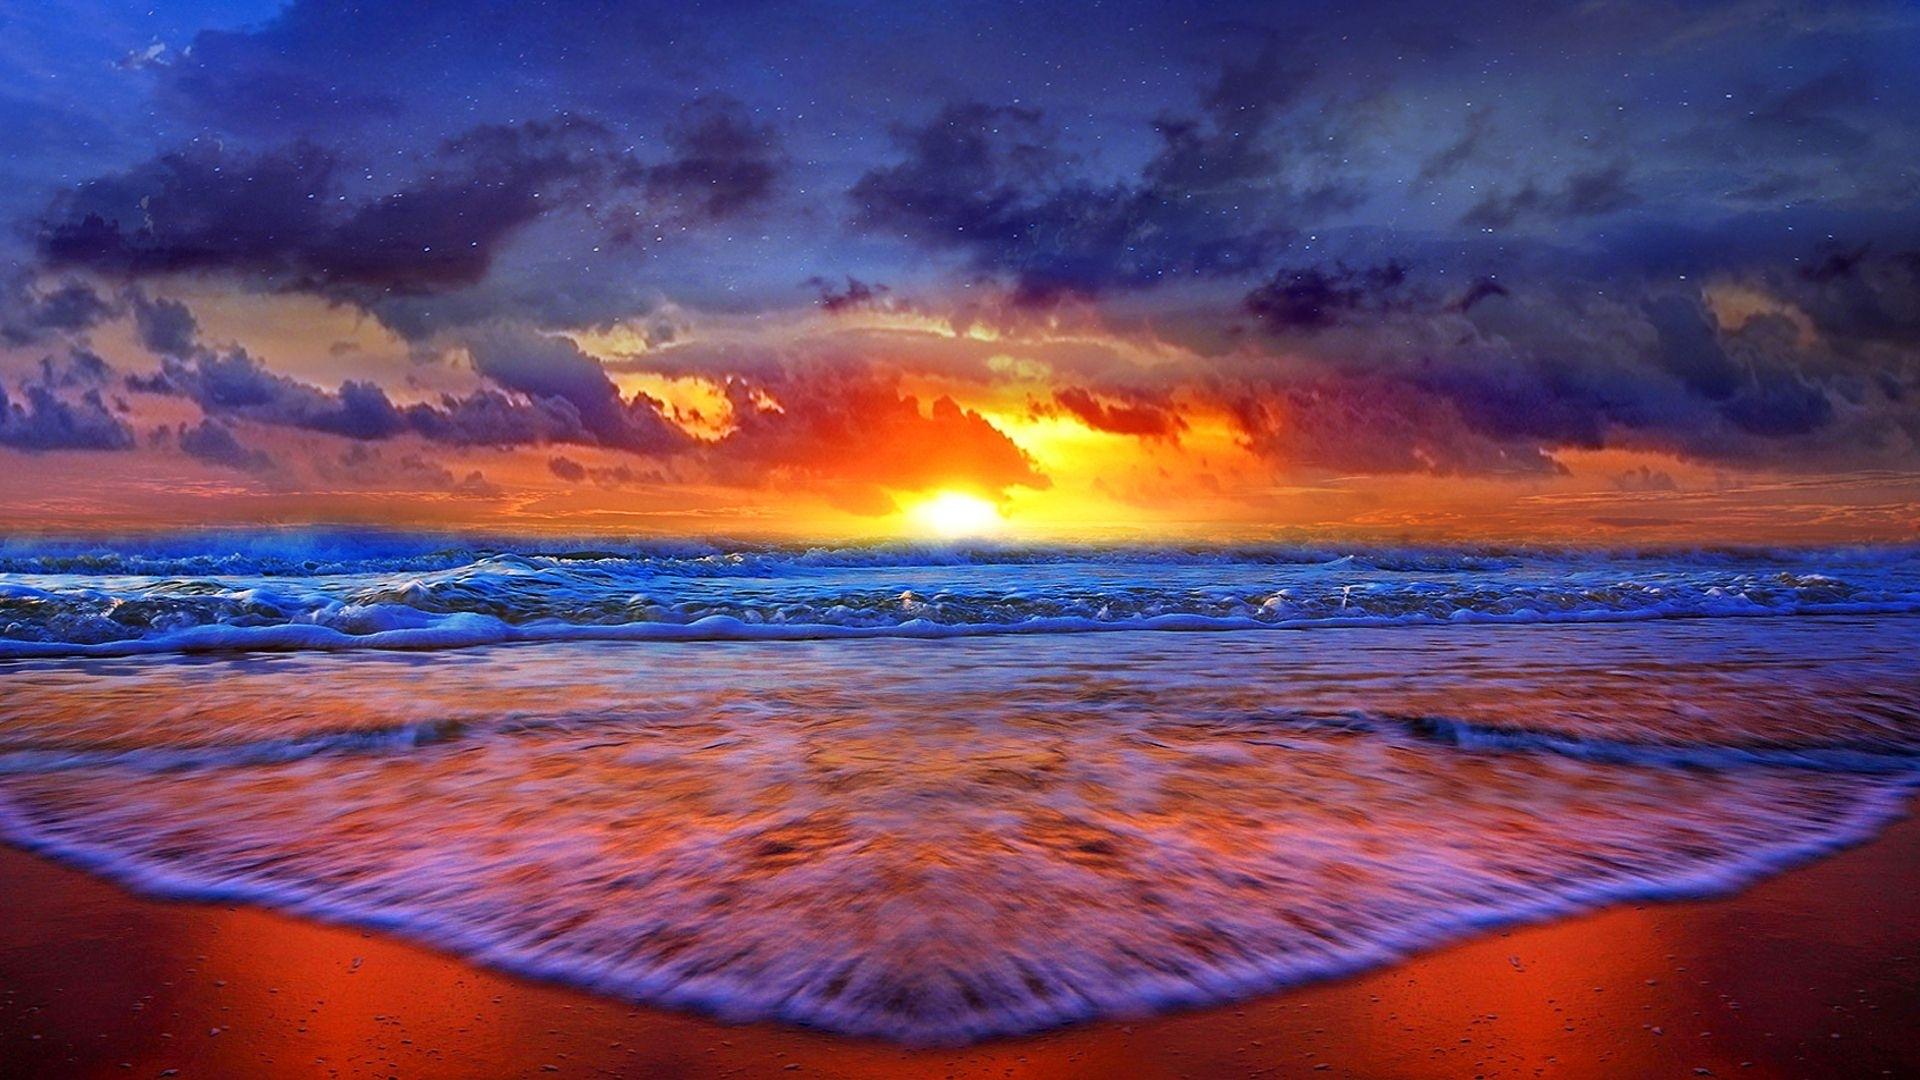 desktop backgrounds beach sunset - wallpaper. | wallpapers